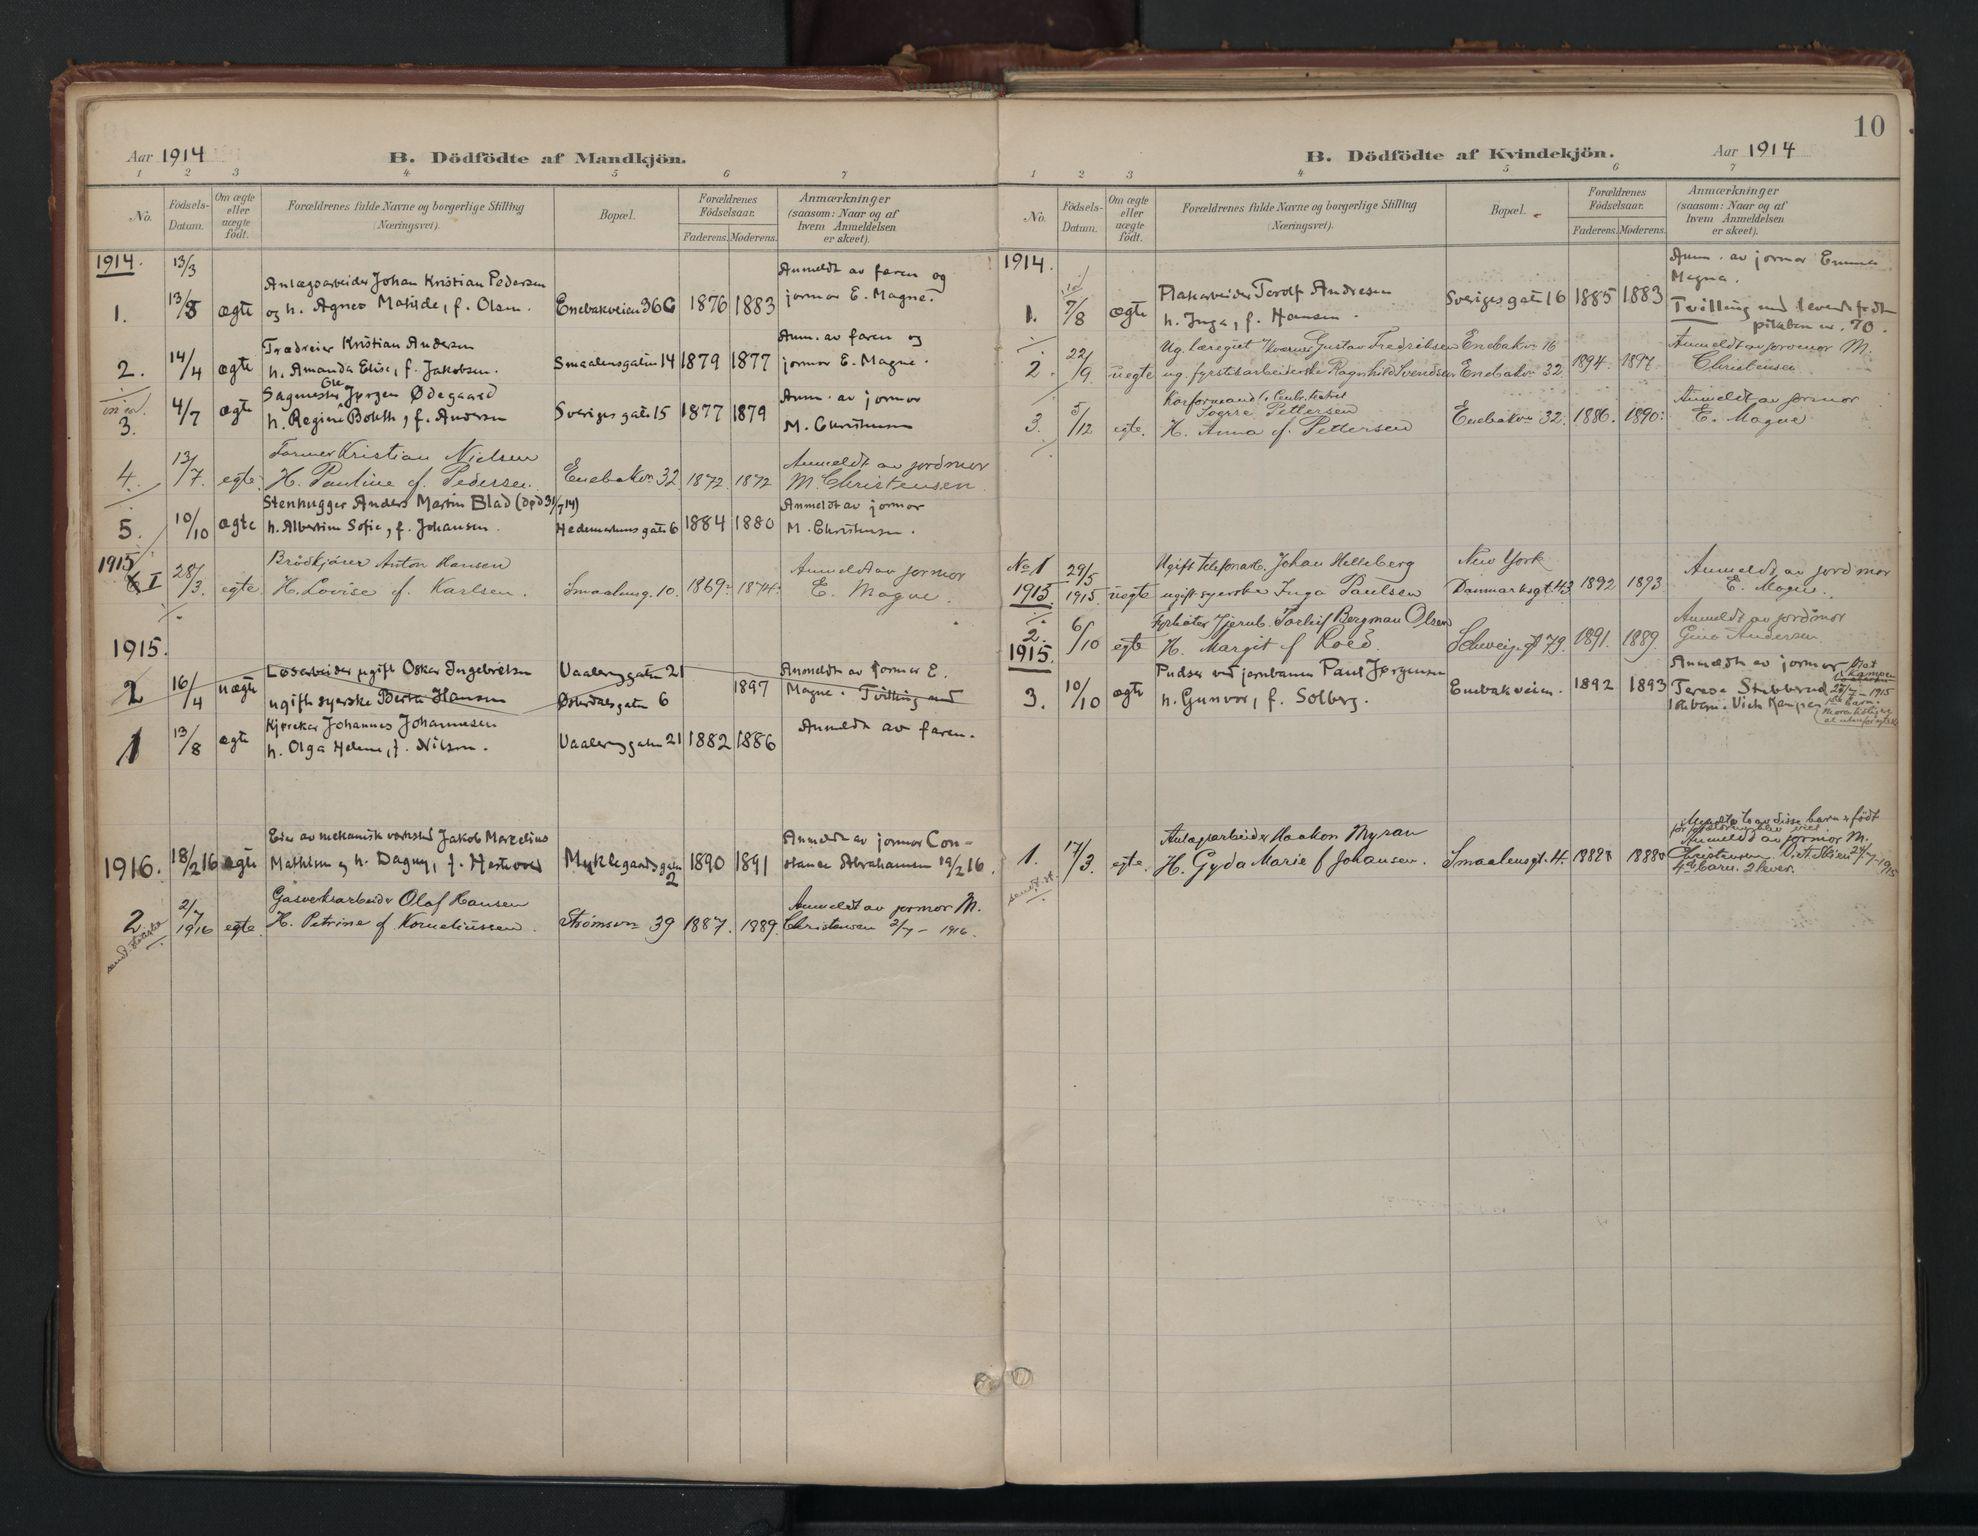 SAO, Vålerengen prestekontor Kirkebøker, F/Fa/L0003: Ministerialbok nr. 3, 1899-1930, s. 10